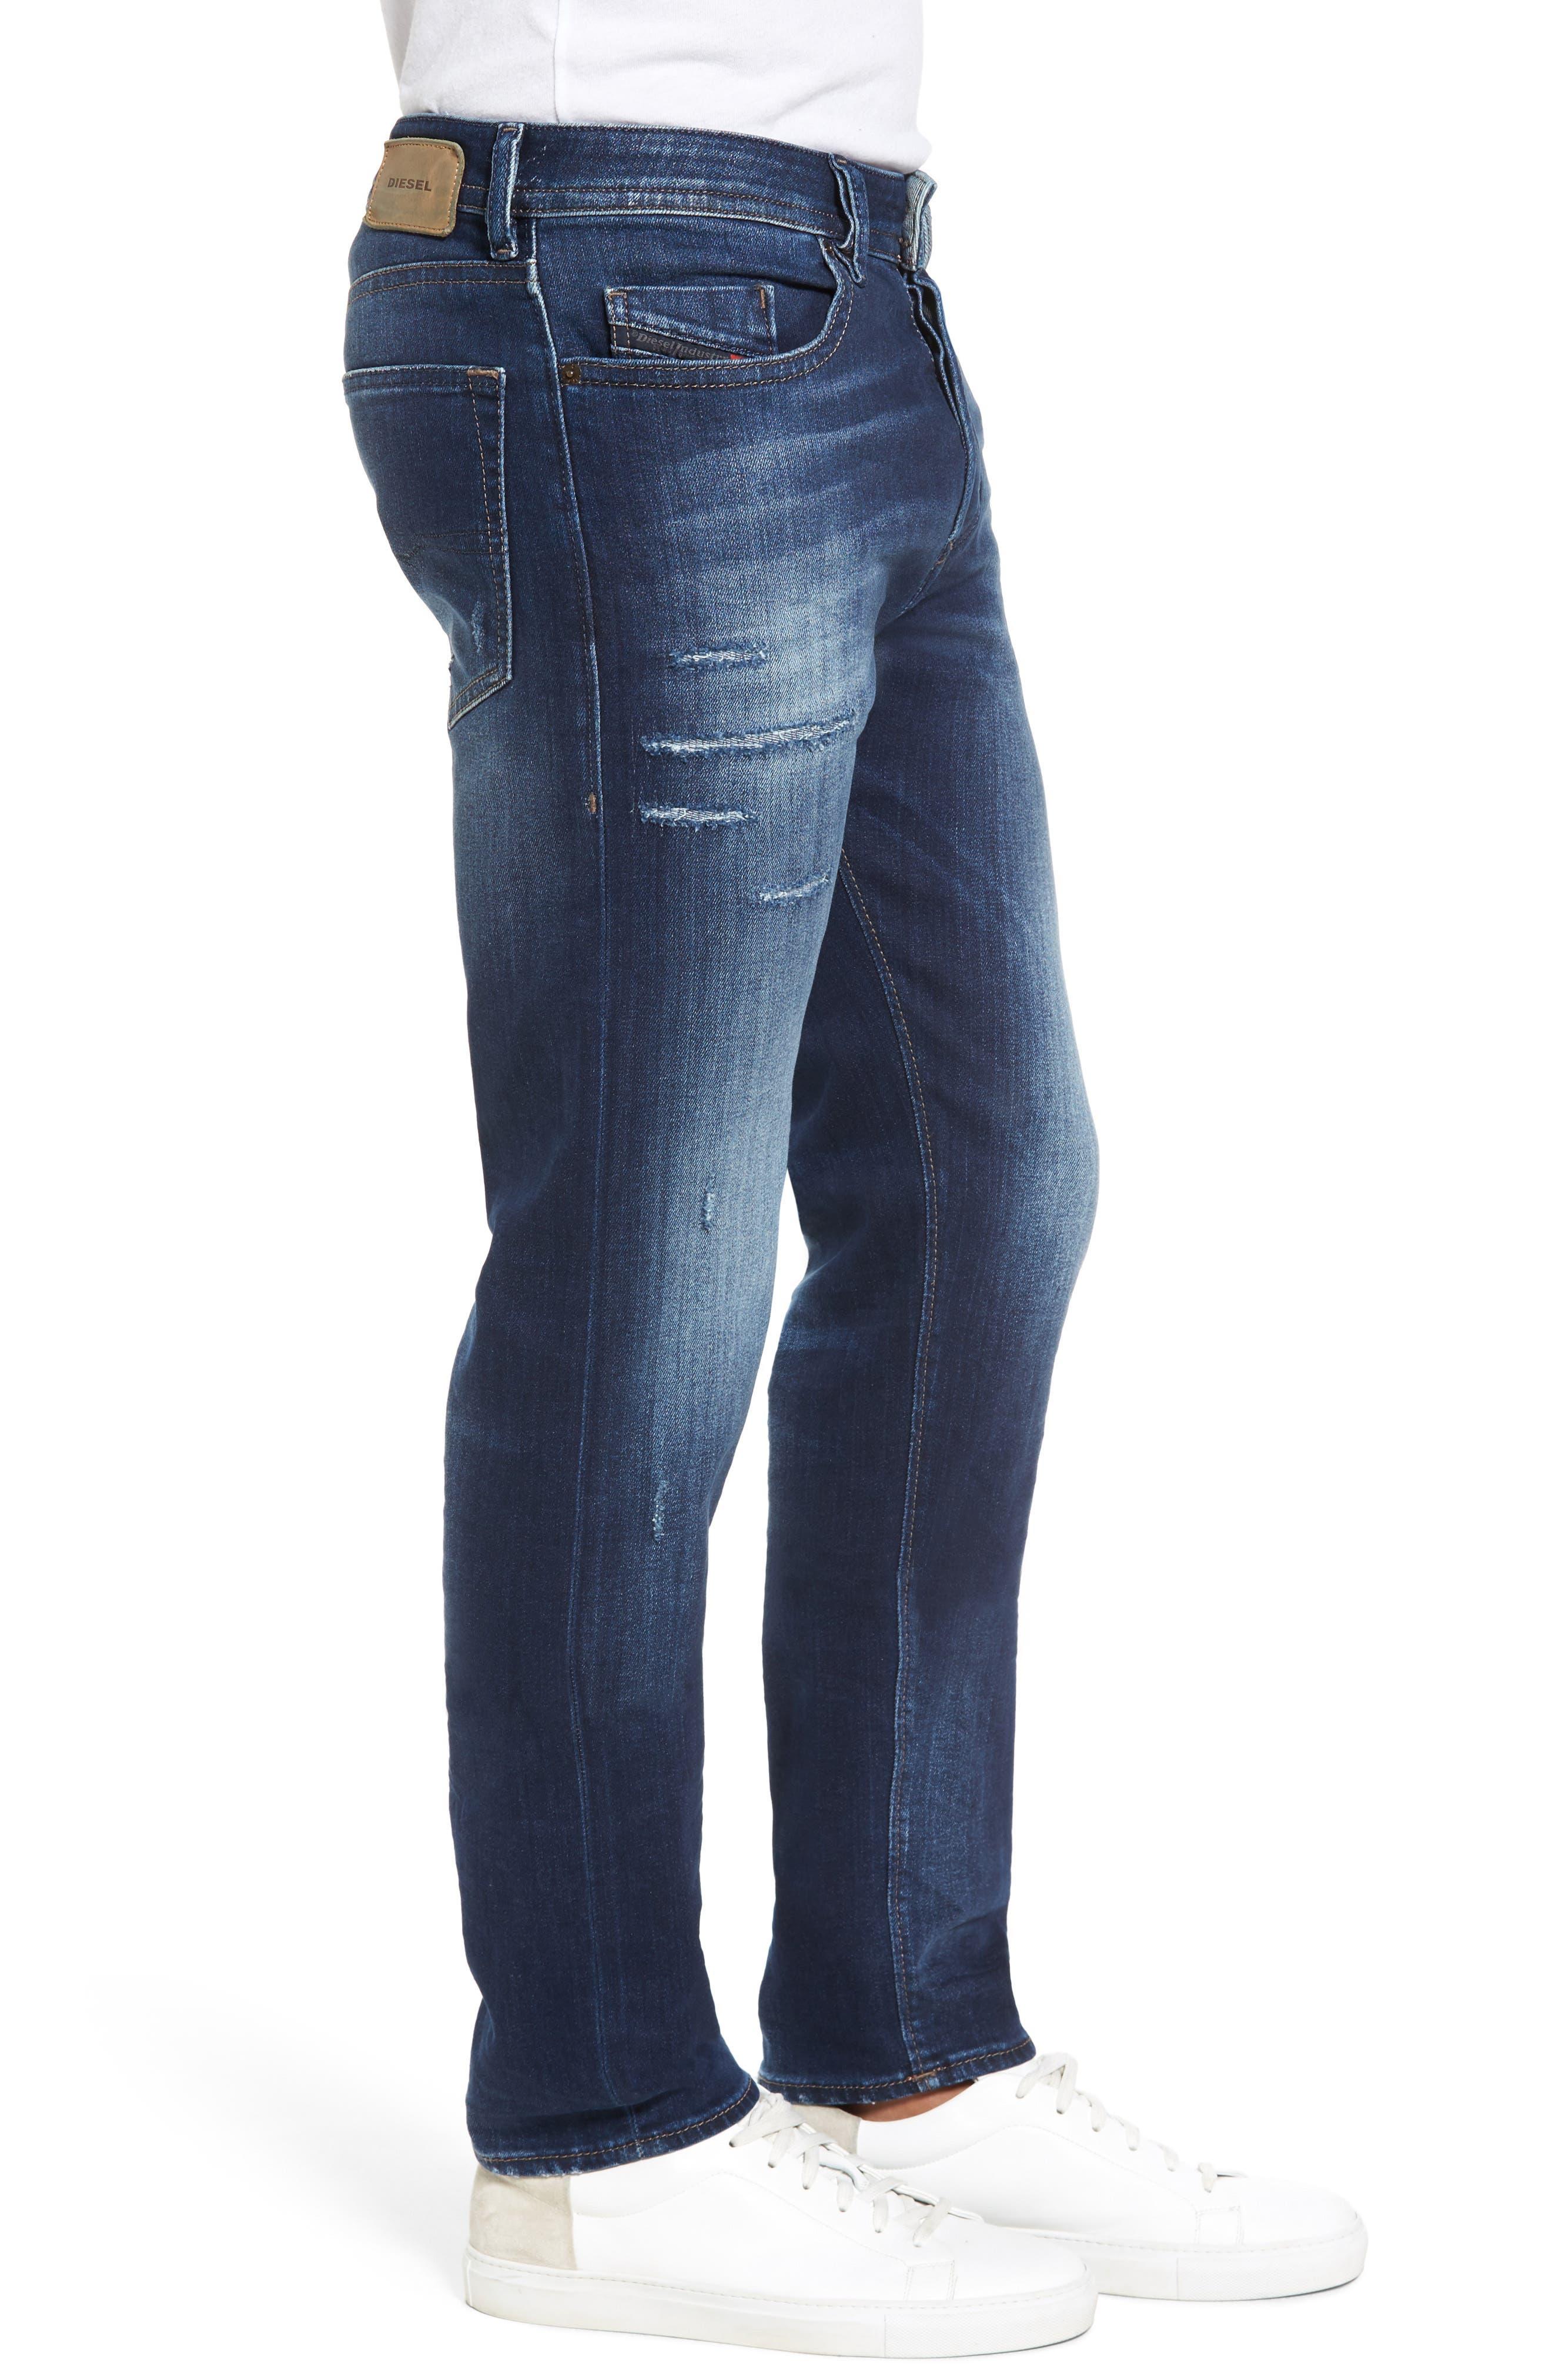 Buster Slim Straight Leg Jeans,                             Alternate thumbnail 3, color,                             900